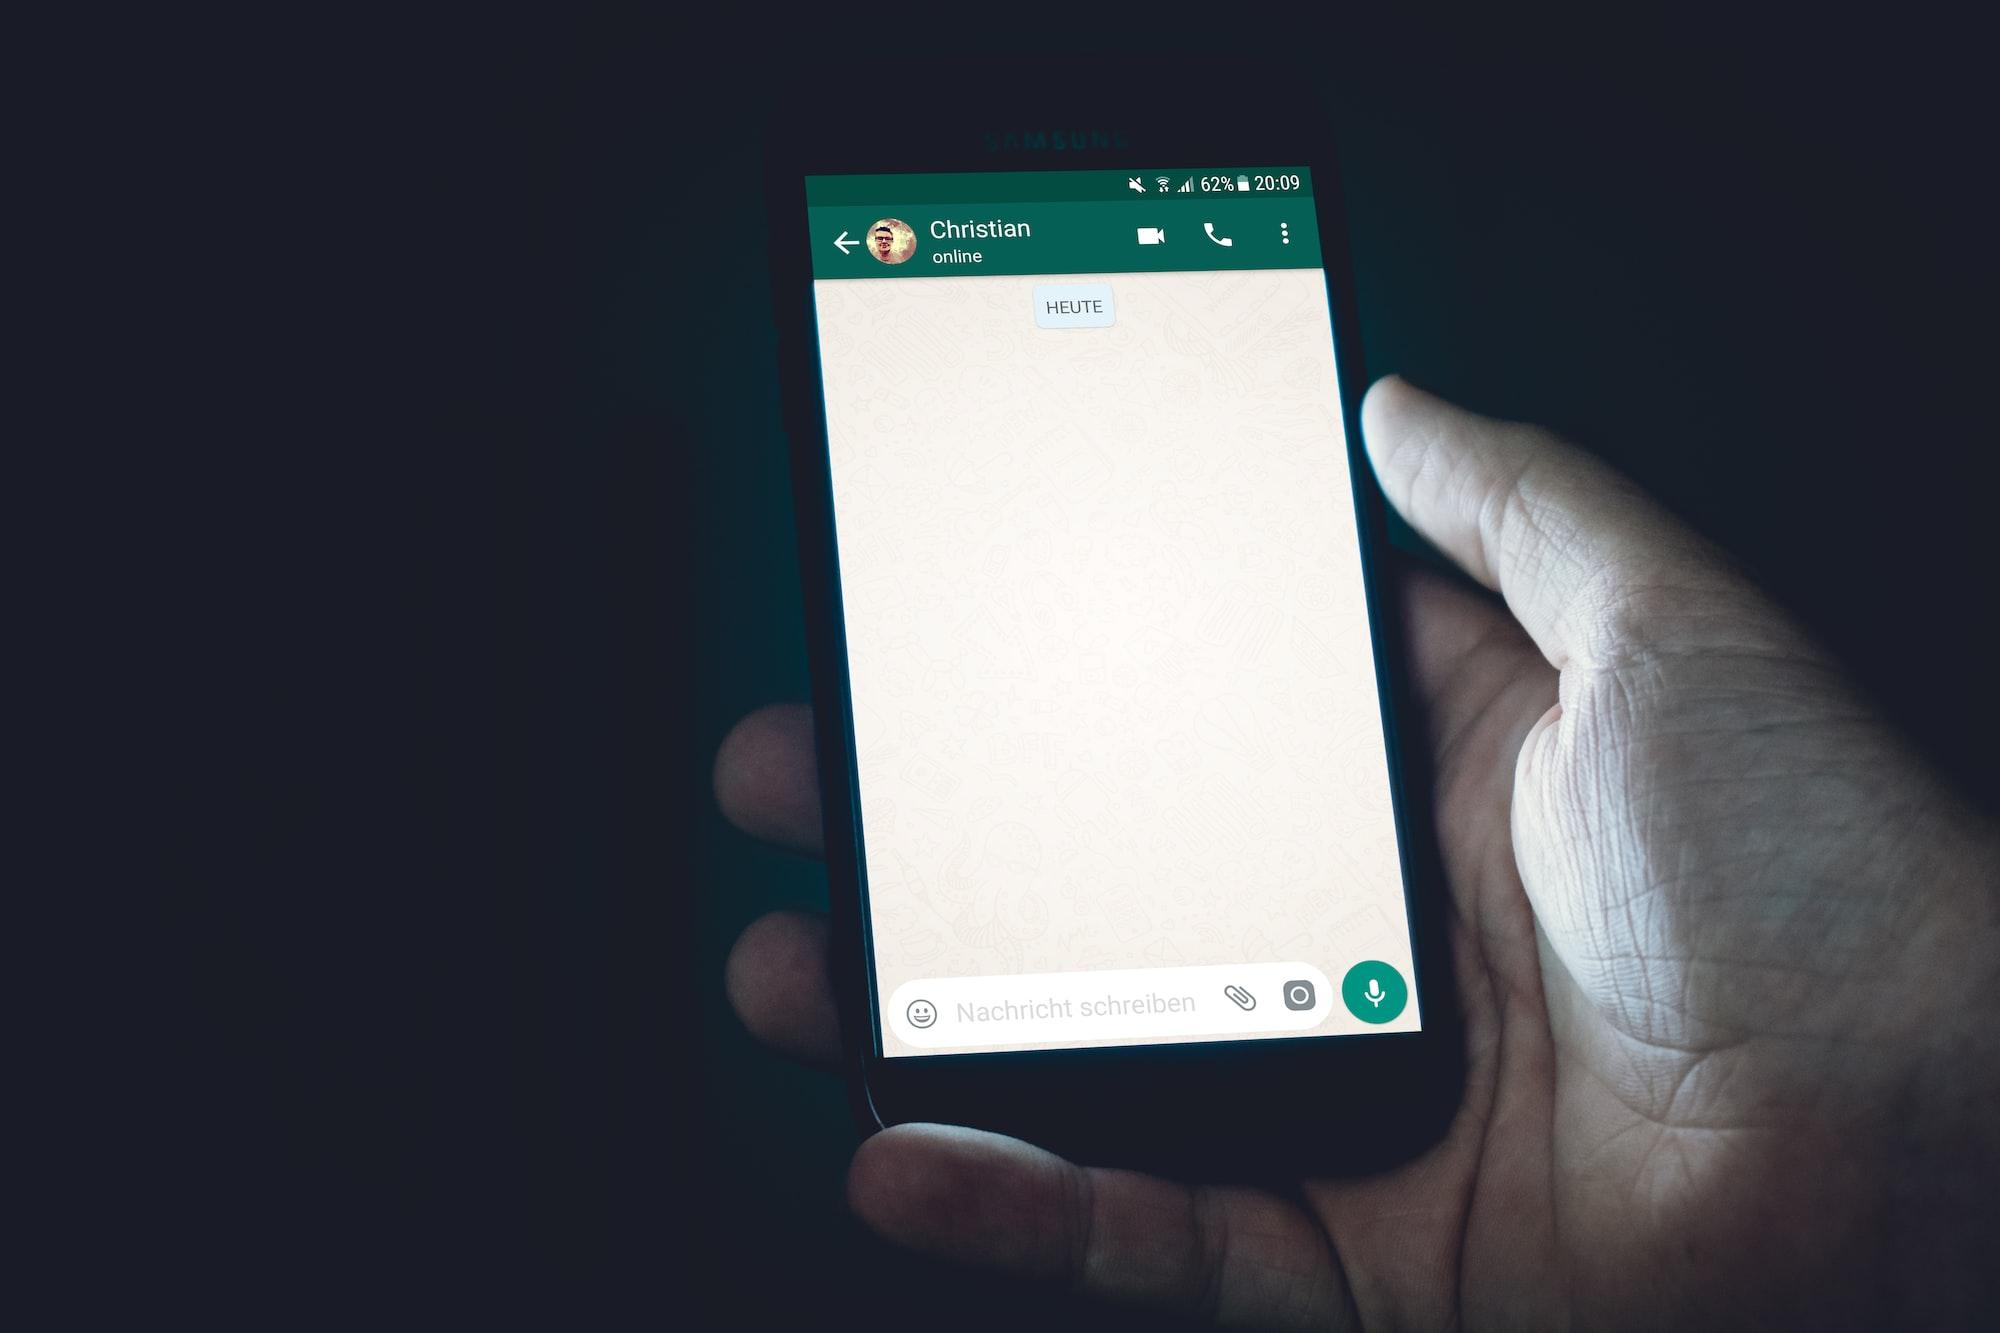 WhatsApp testando diretórios de negócios locais